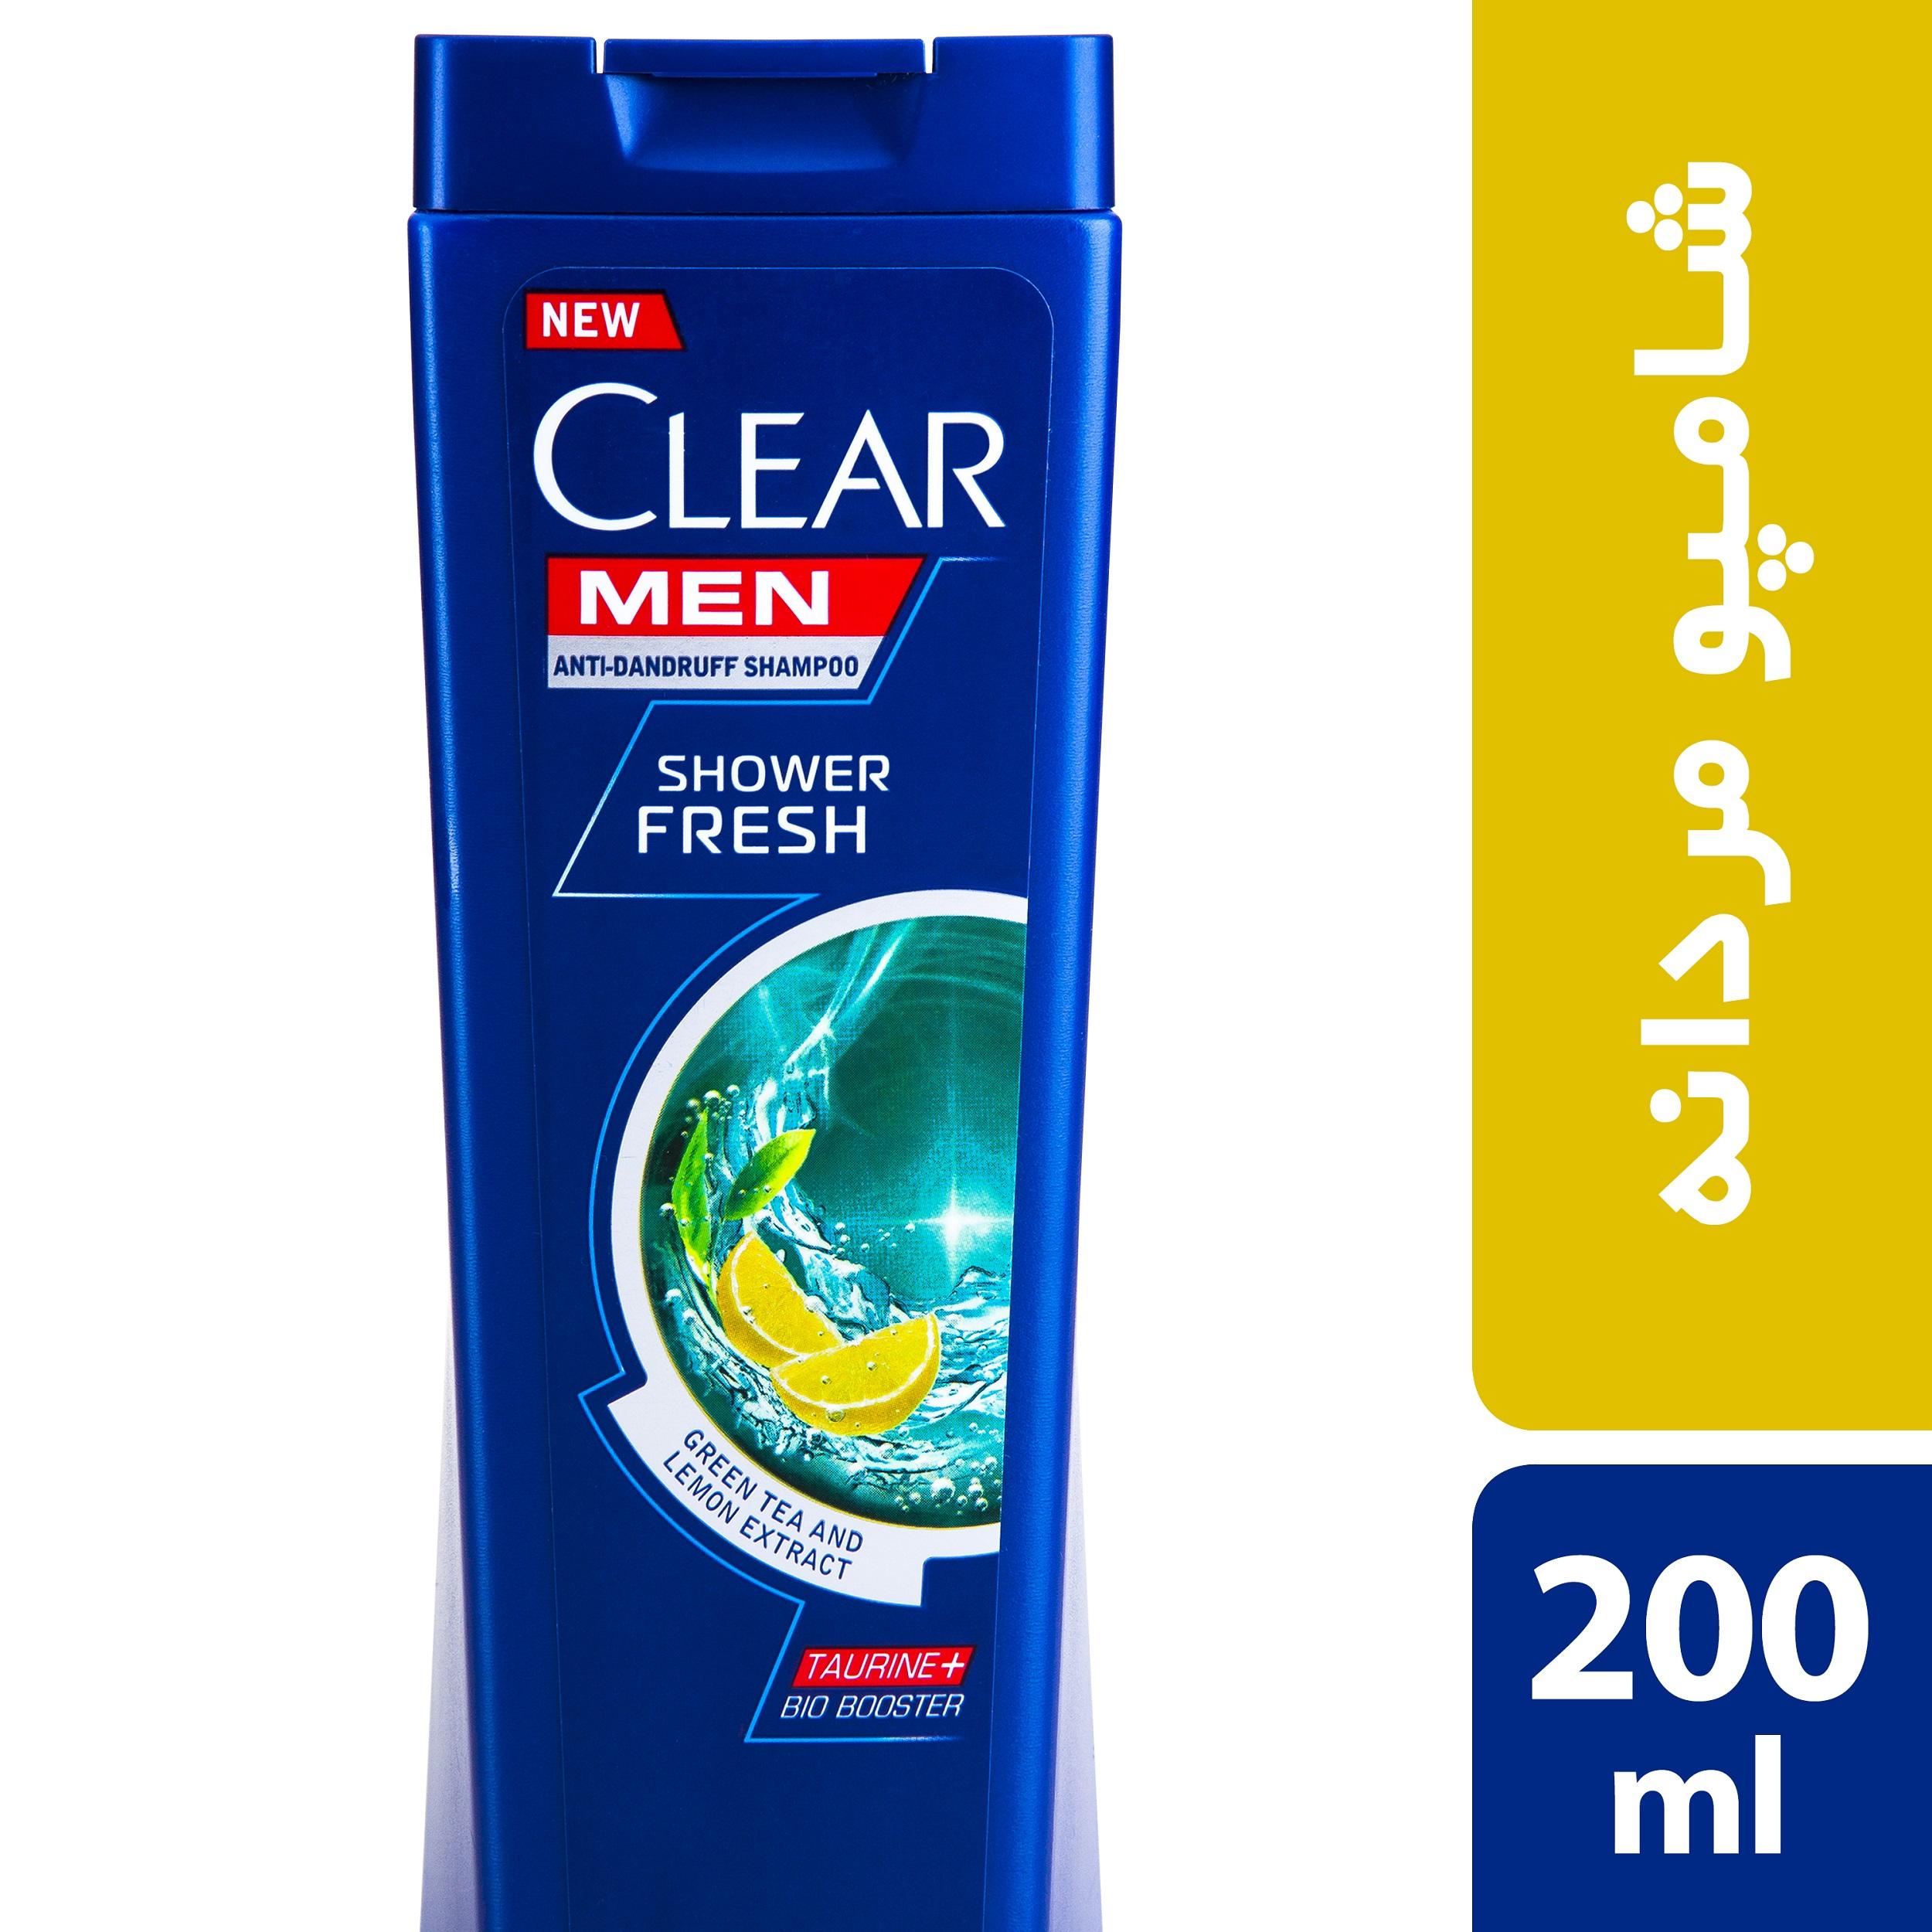 شامپو ضد شوره آقایان کلییر مدل Shower Fresh حجم 200 میلی لیتر